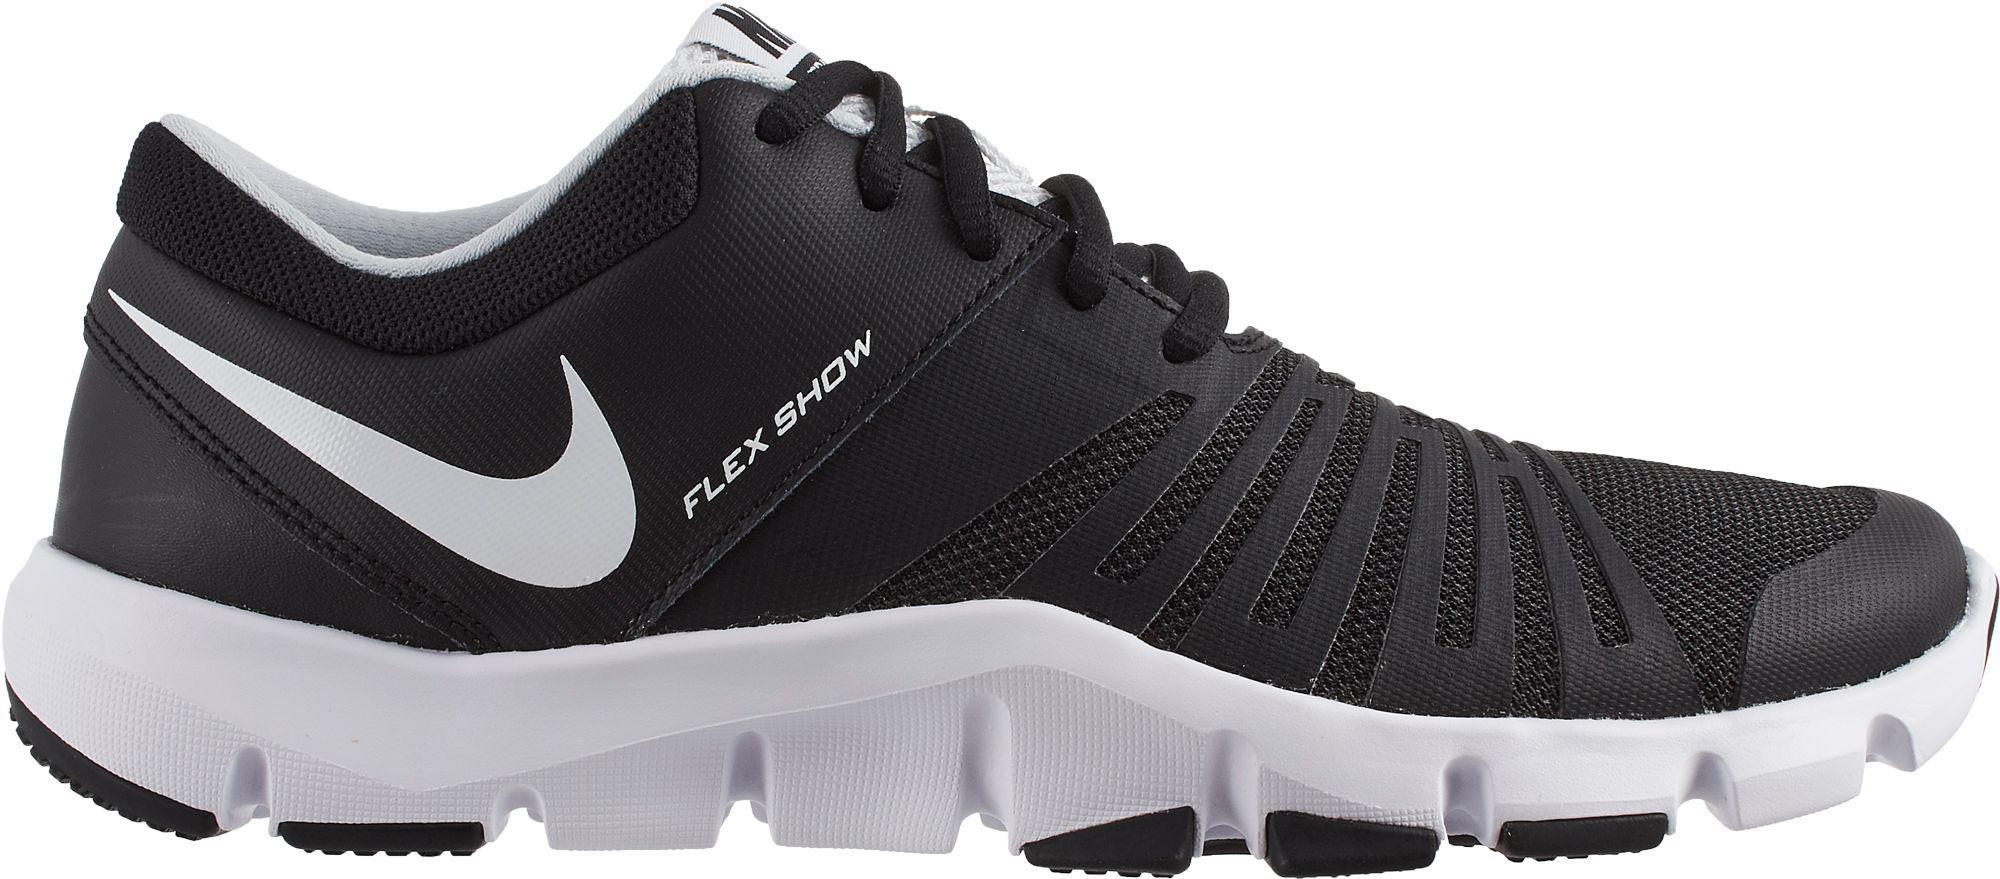 cd907b8bba0 nike-BlackWhite-Flex-Show-Tr-5-Training-Shoes.jpeg